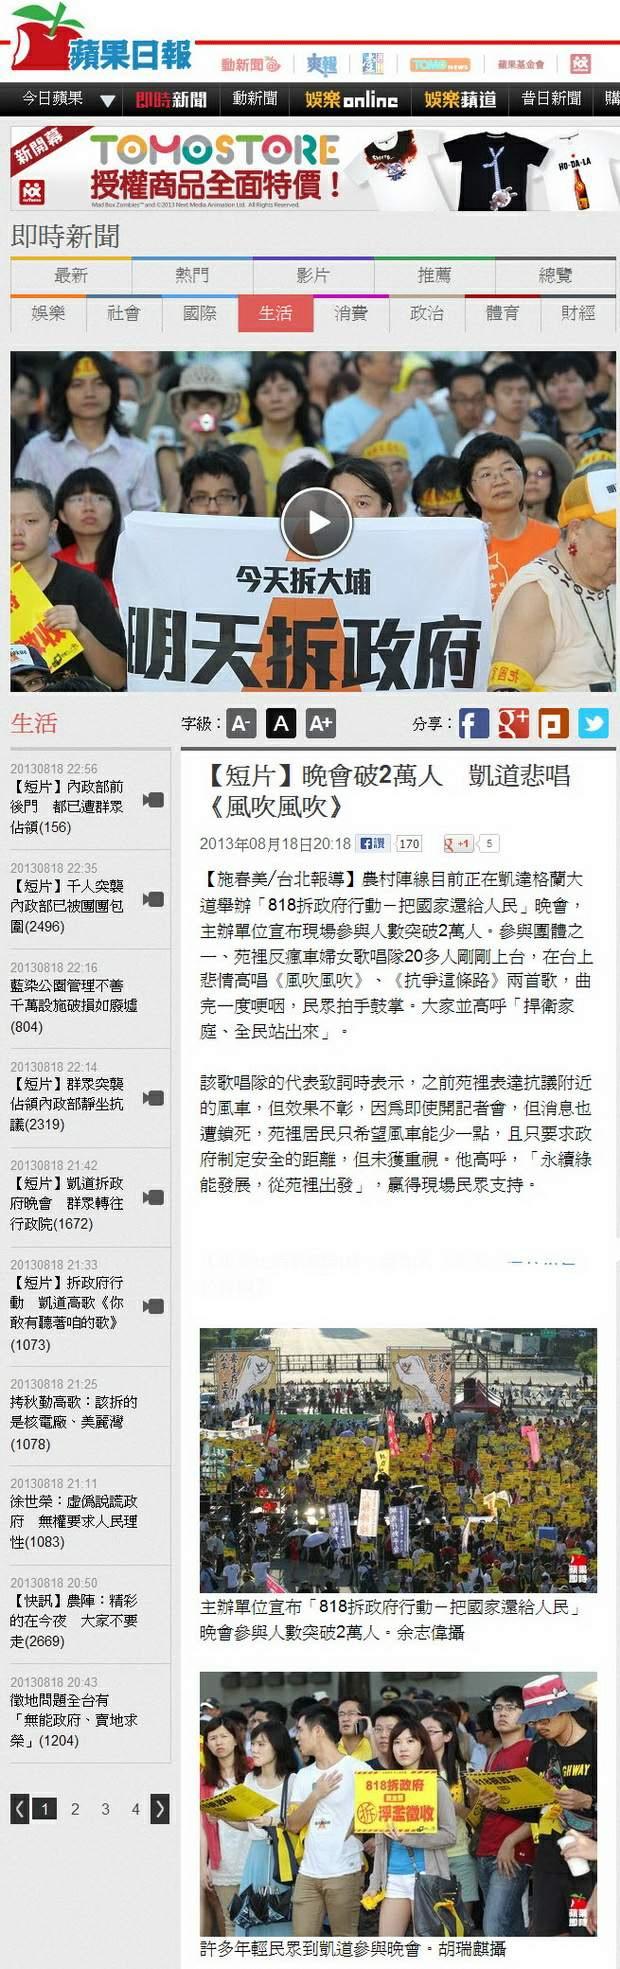 晚會破2萬人 凱道悲唱《風吹風吹》-2013.08.18.jpg